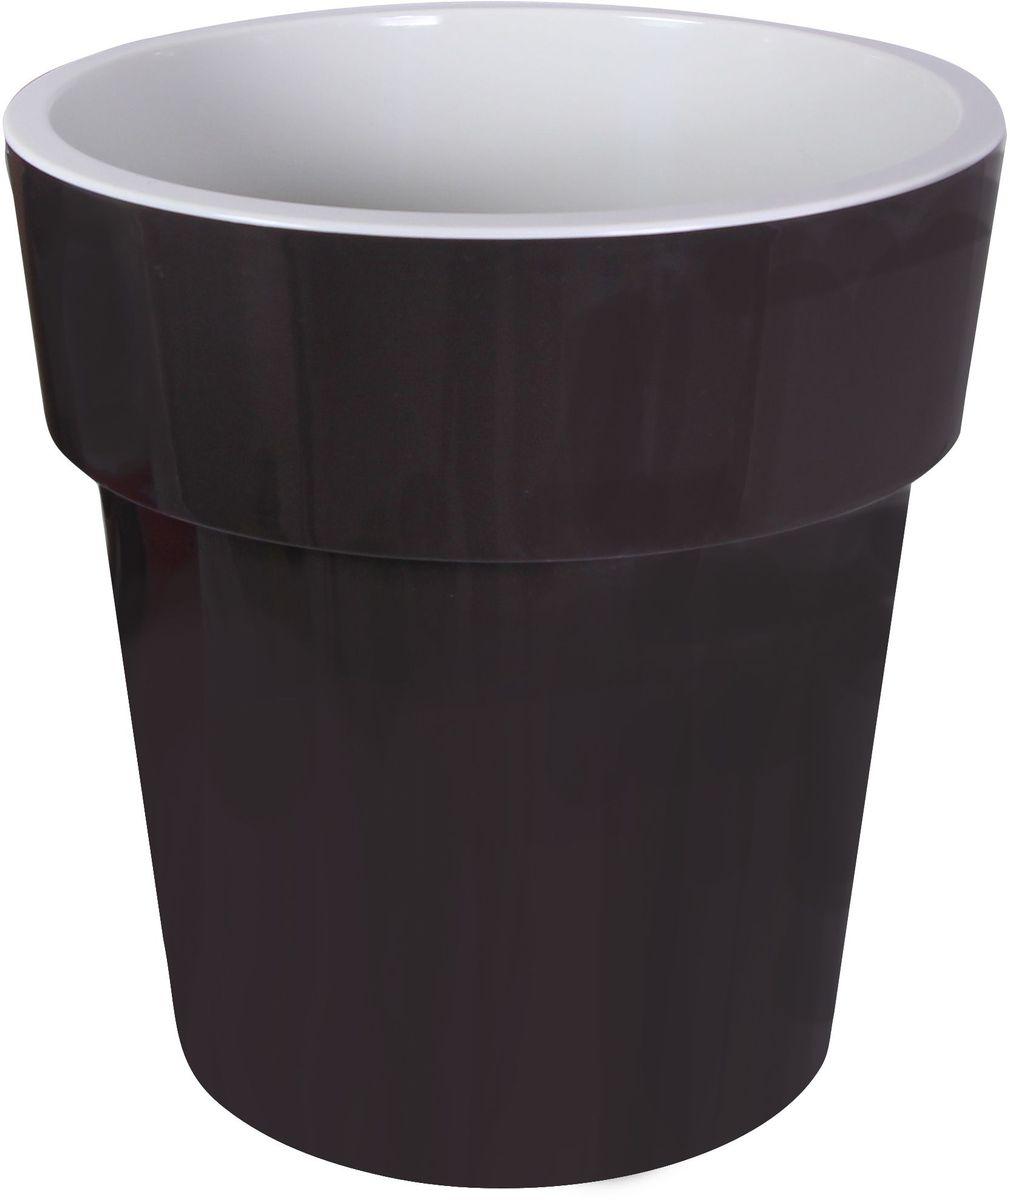 Кашпо Idea Тубус, цвет: коричневый, диаметр 20 смМ 3165Кашпо Idea Тубус изготовлено из прочного пластика. Изделие прекрасно подходит для выращивания растений и цветов в домашних условиях. Стильный современный дизайн органично впишется в интерьер помещения.Диаметр кашпо: 20 см. Высота кашпо: 20 см.